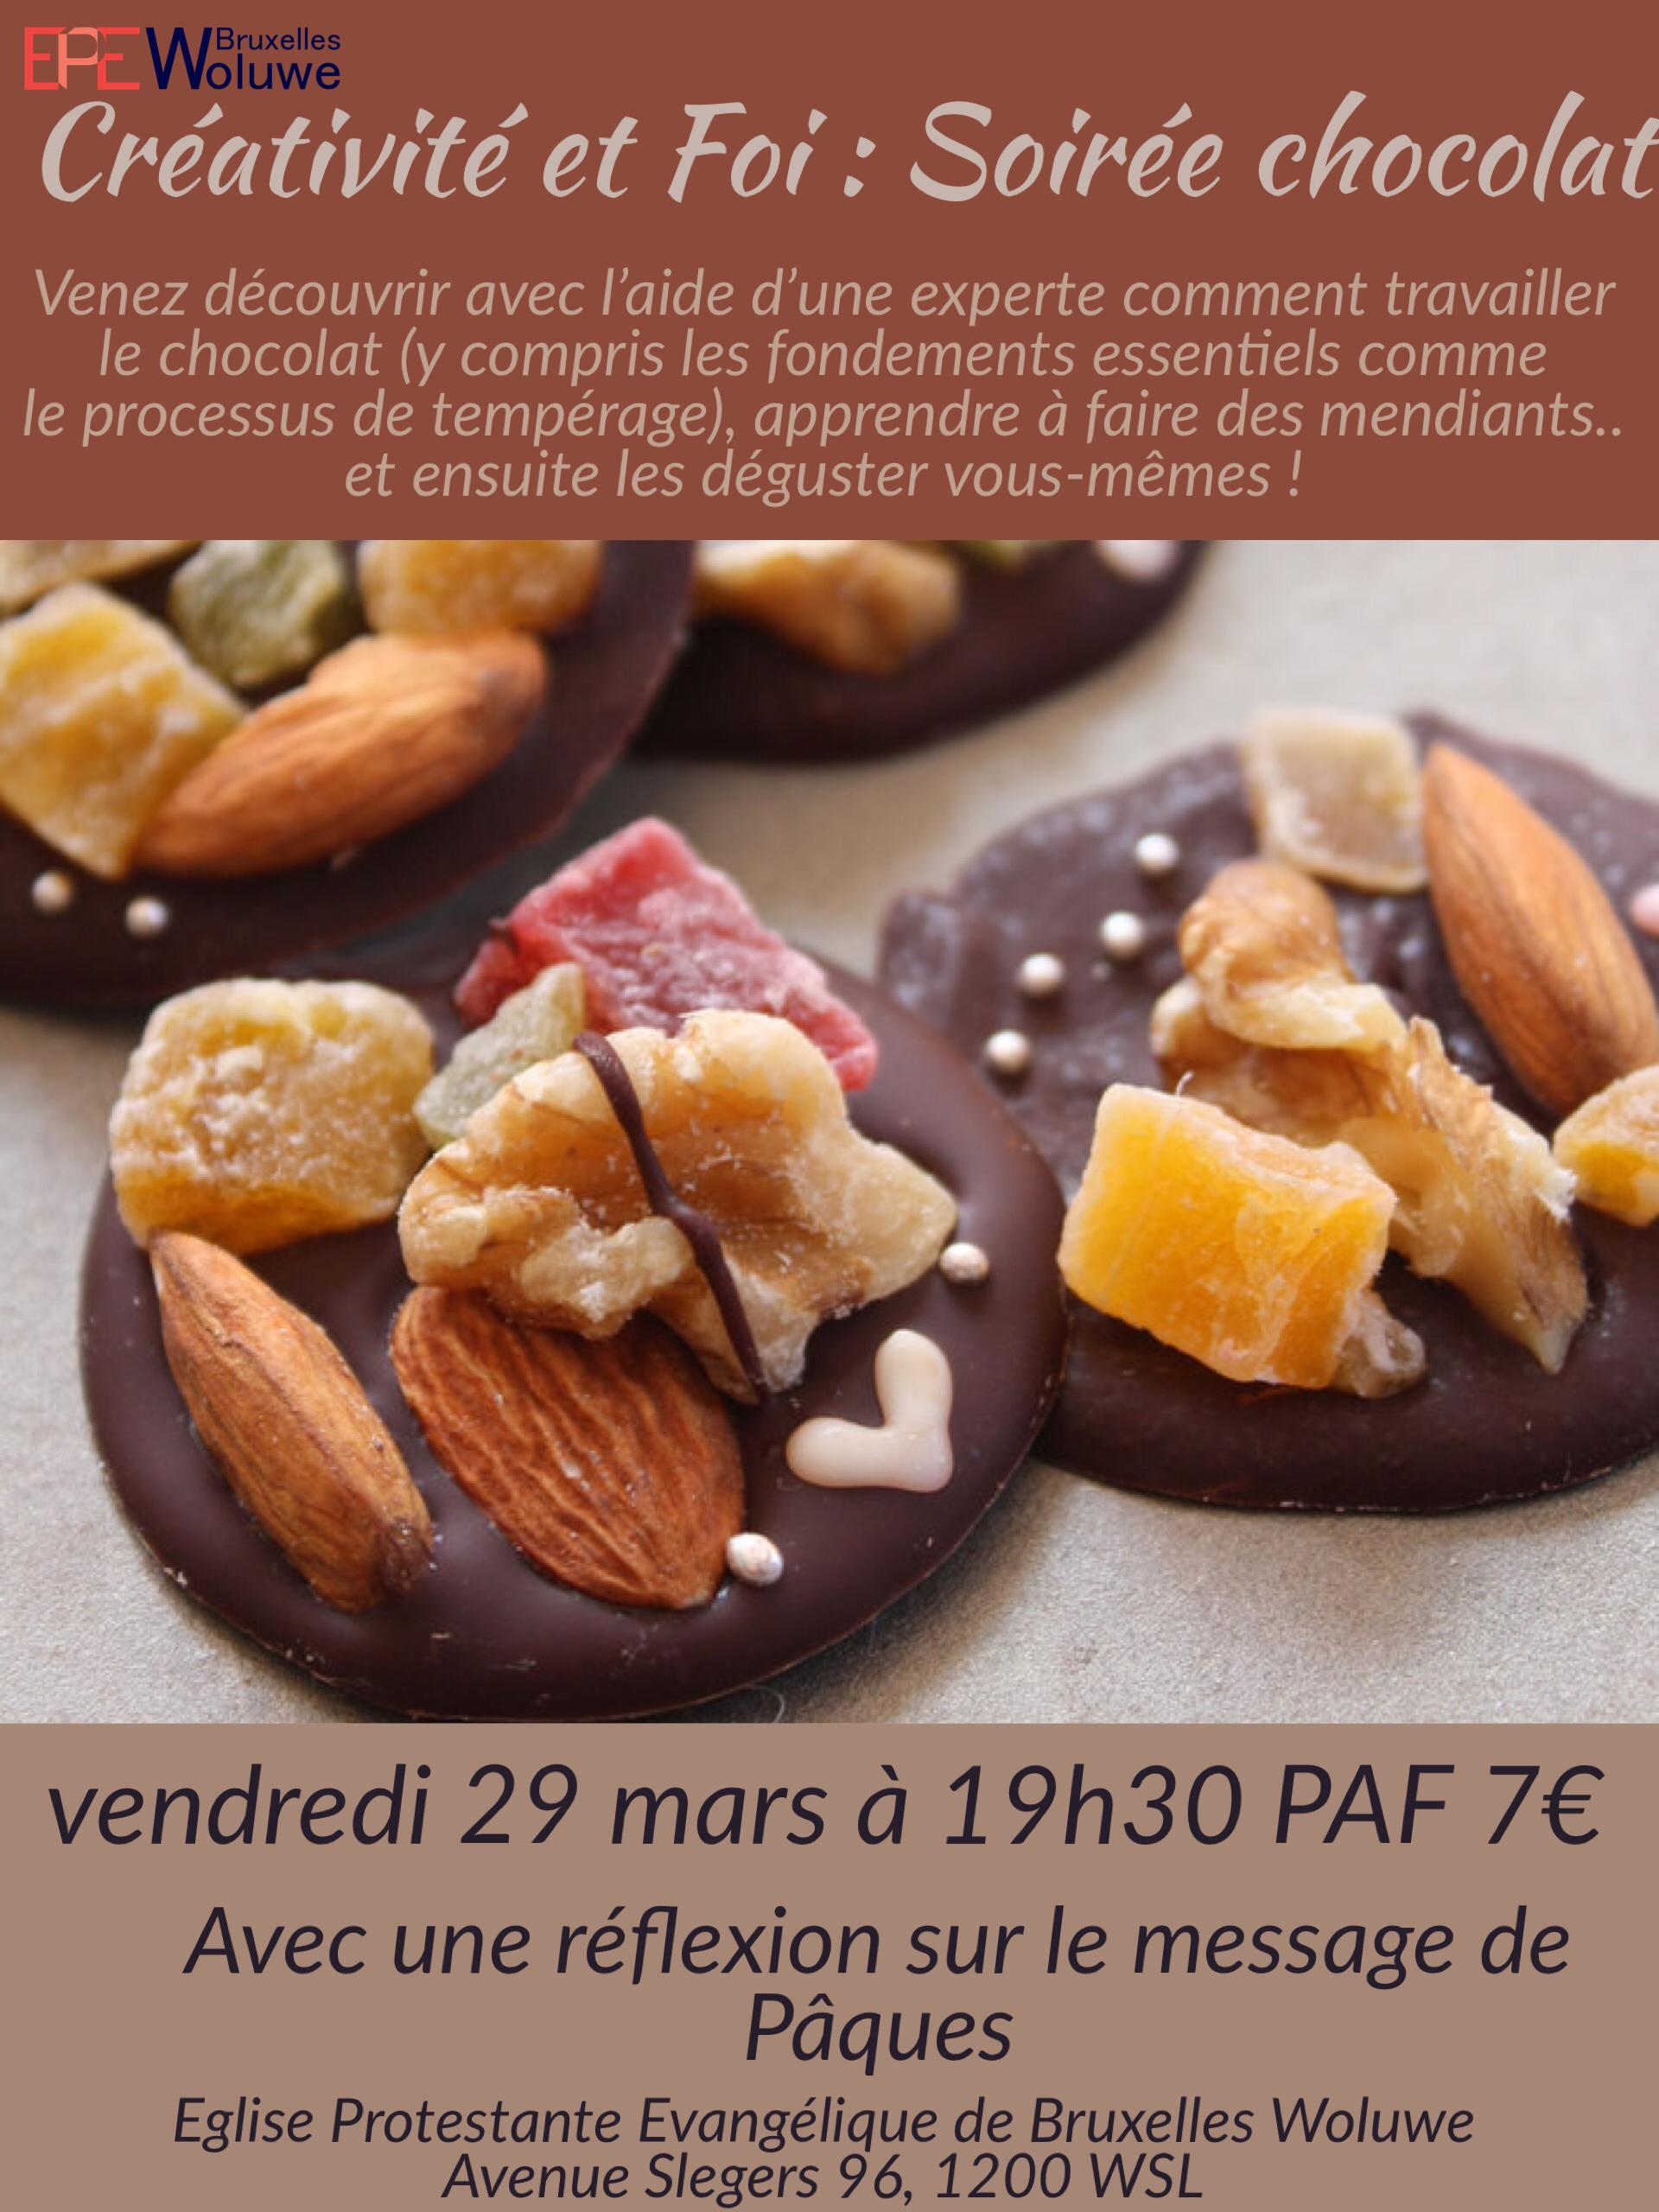 Soirée chocolat.jpg